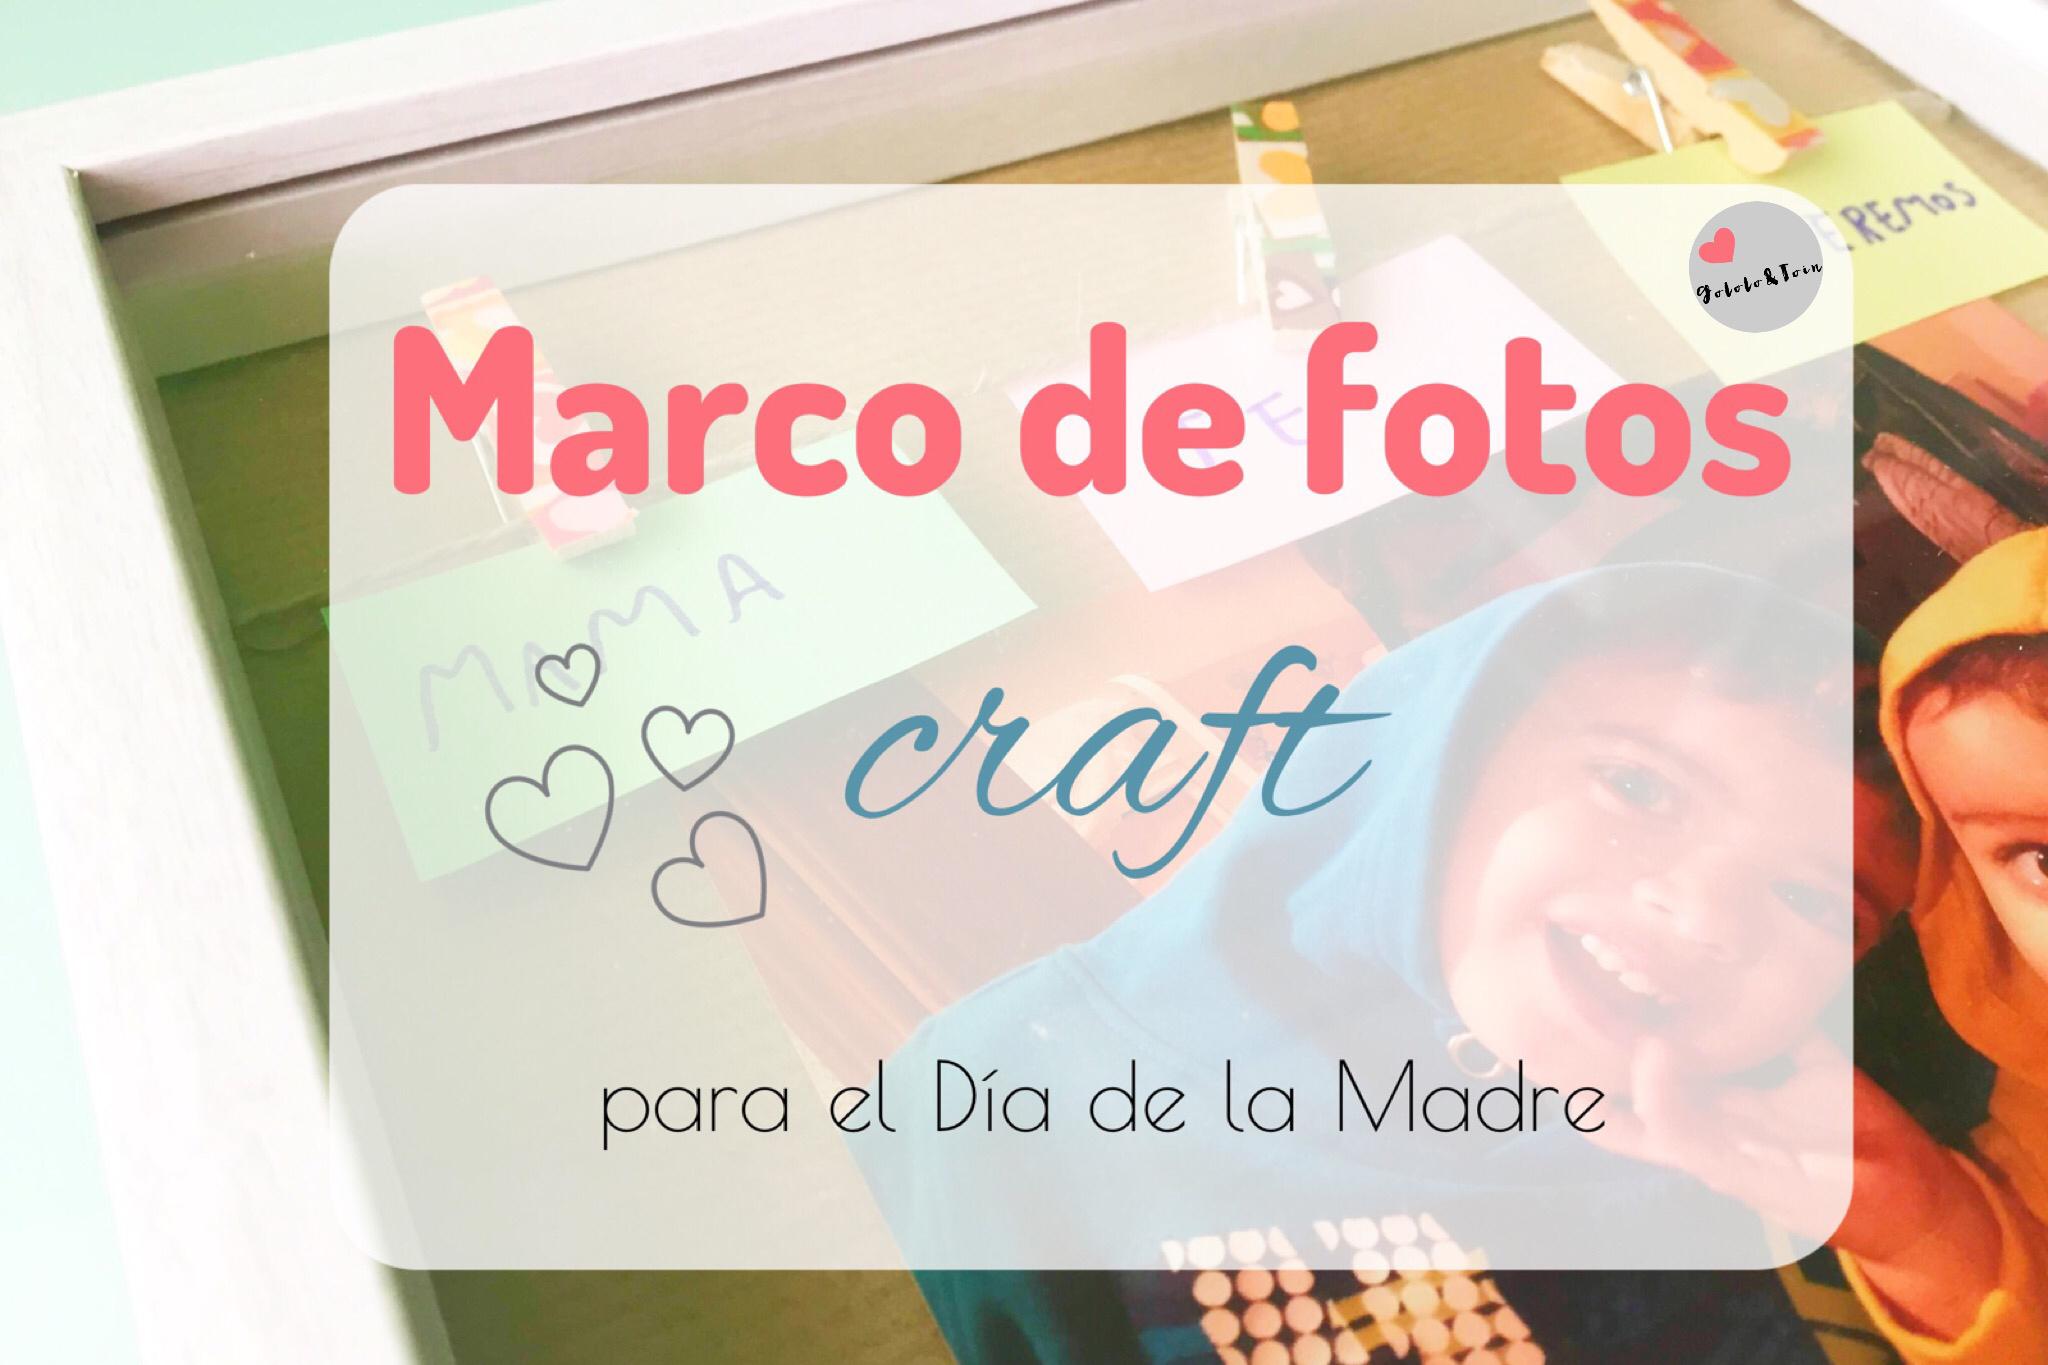 Marco de fotos craft para el Día de la Madre | Gololo y Toin: blog ...